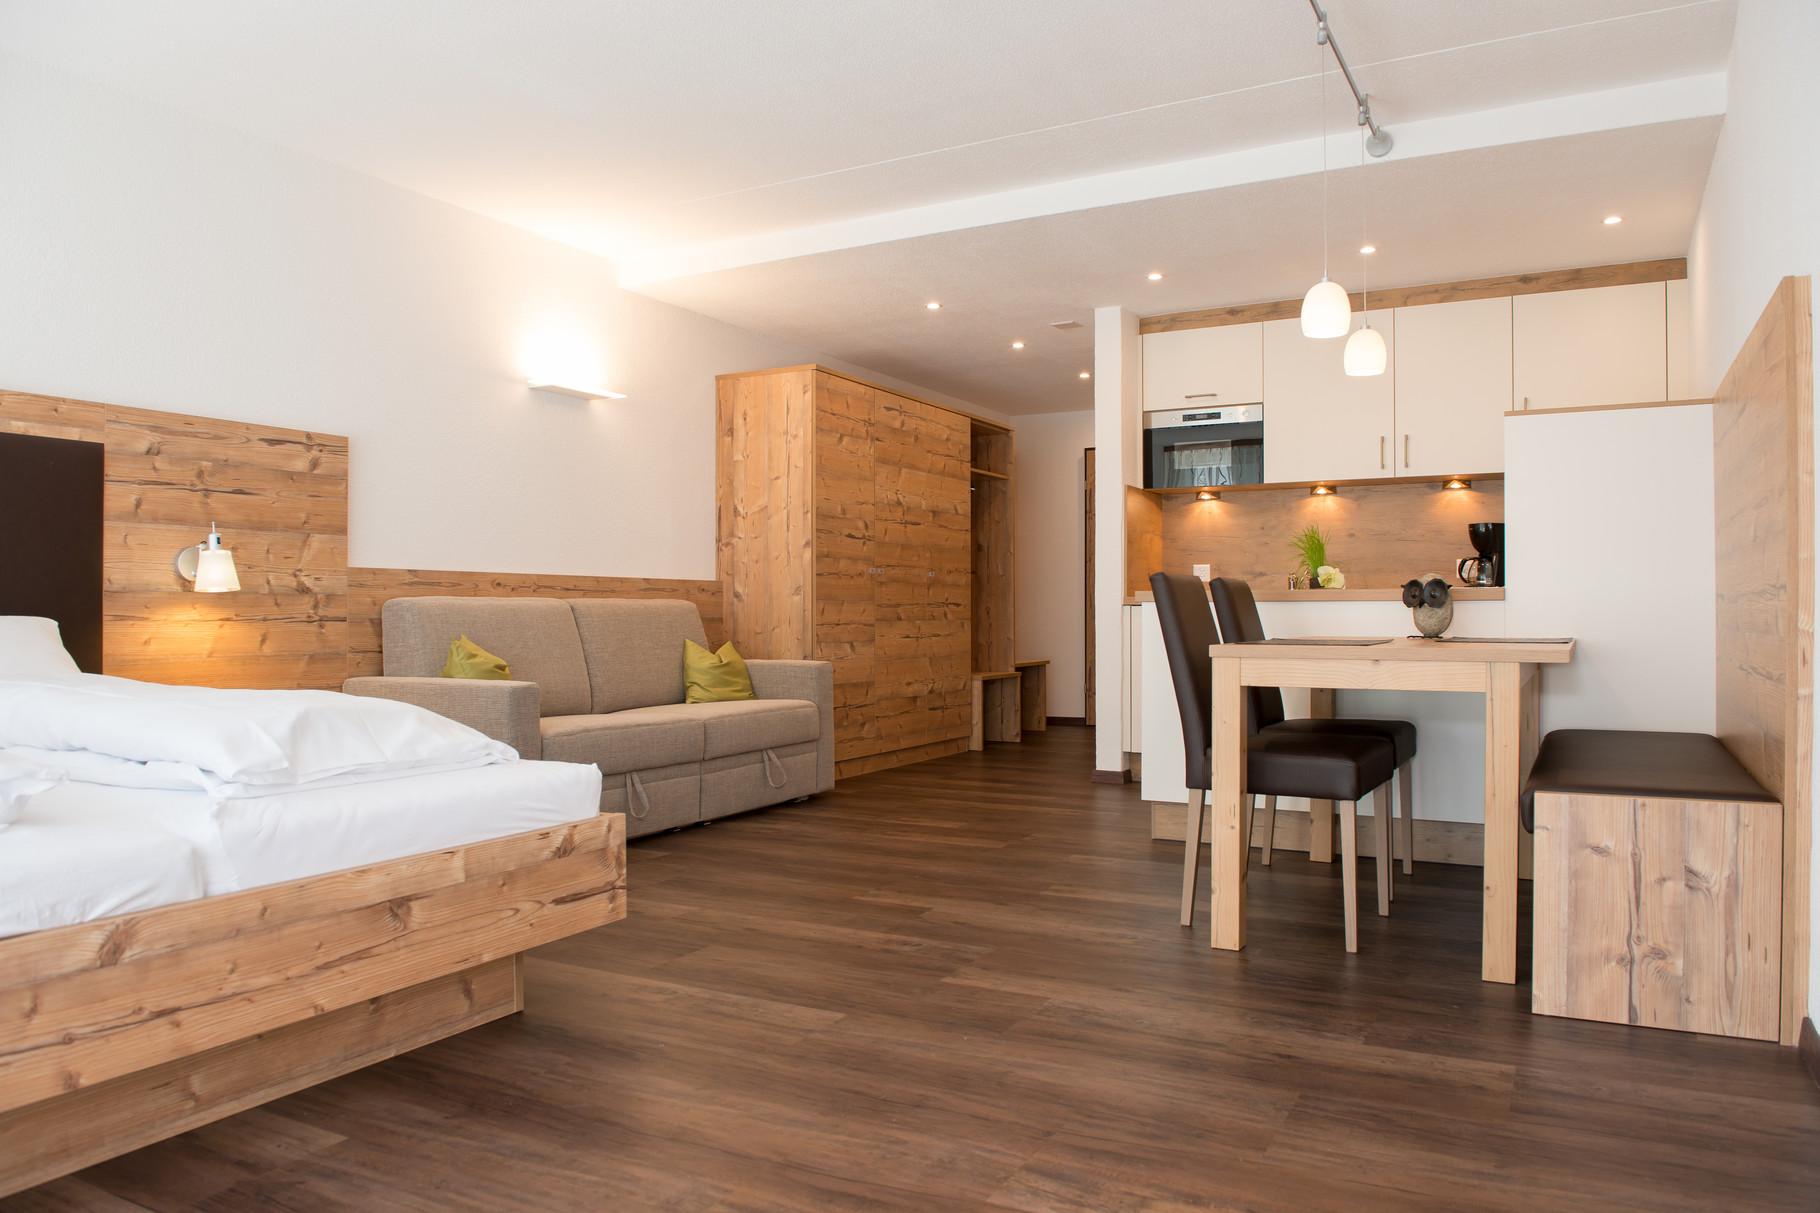 Ferienwohnung-Wohn-und-Schlafbereich